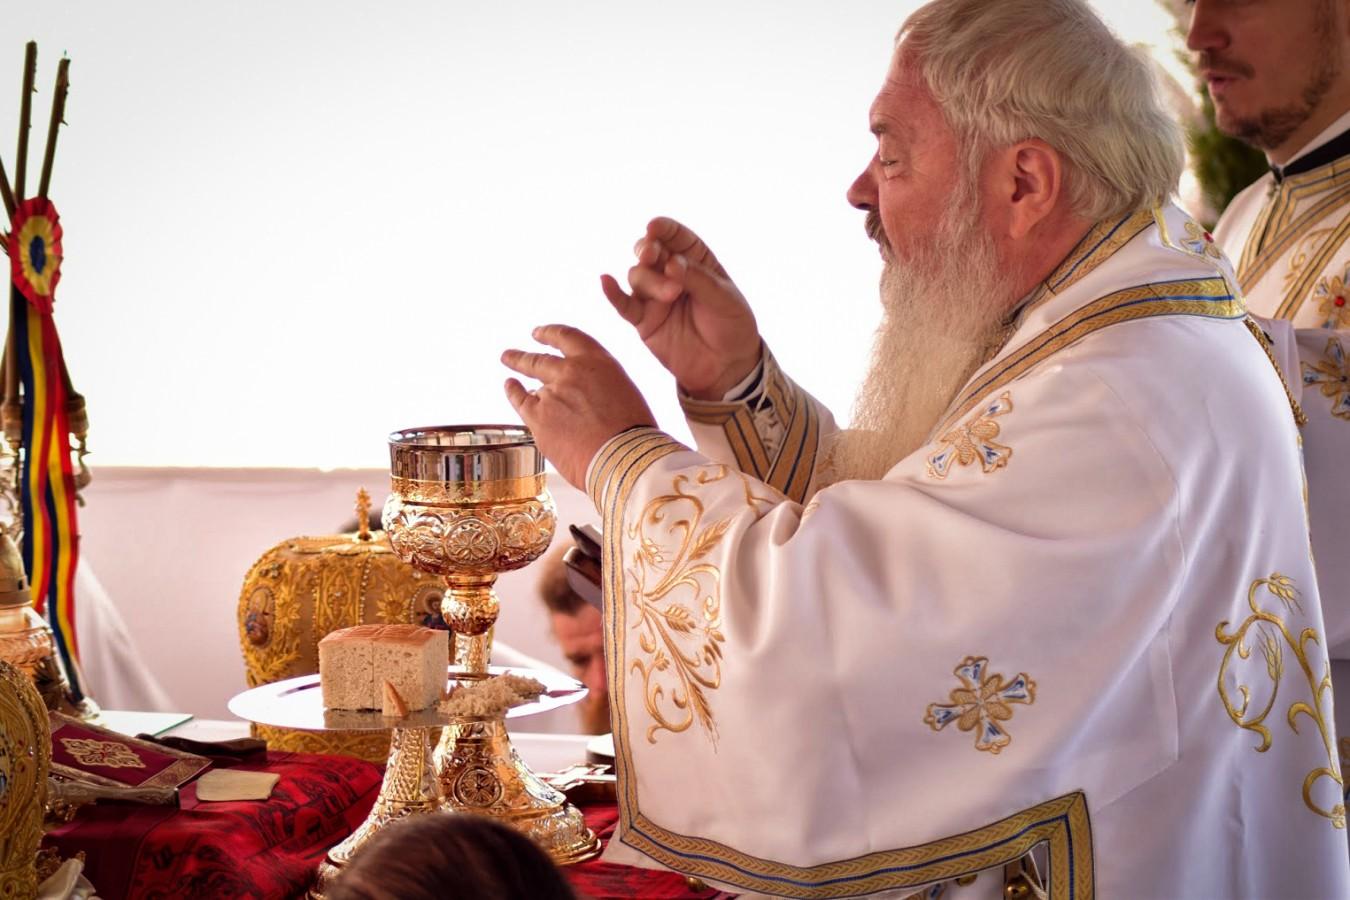 Născătoare de Dumnezeu, păzeşte poporul cel binecredincios!